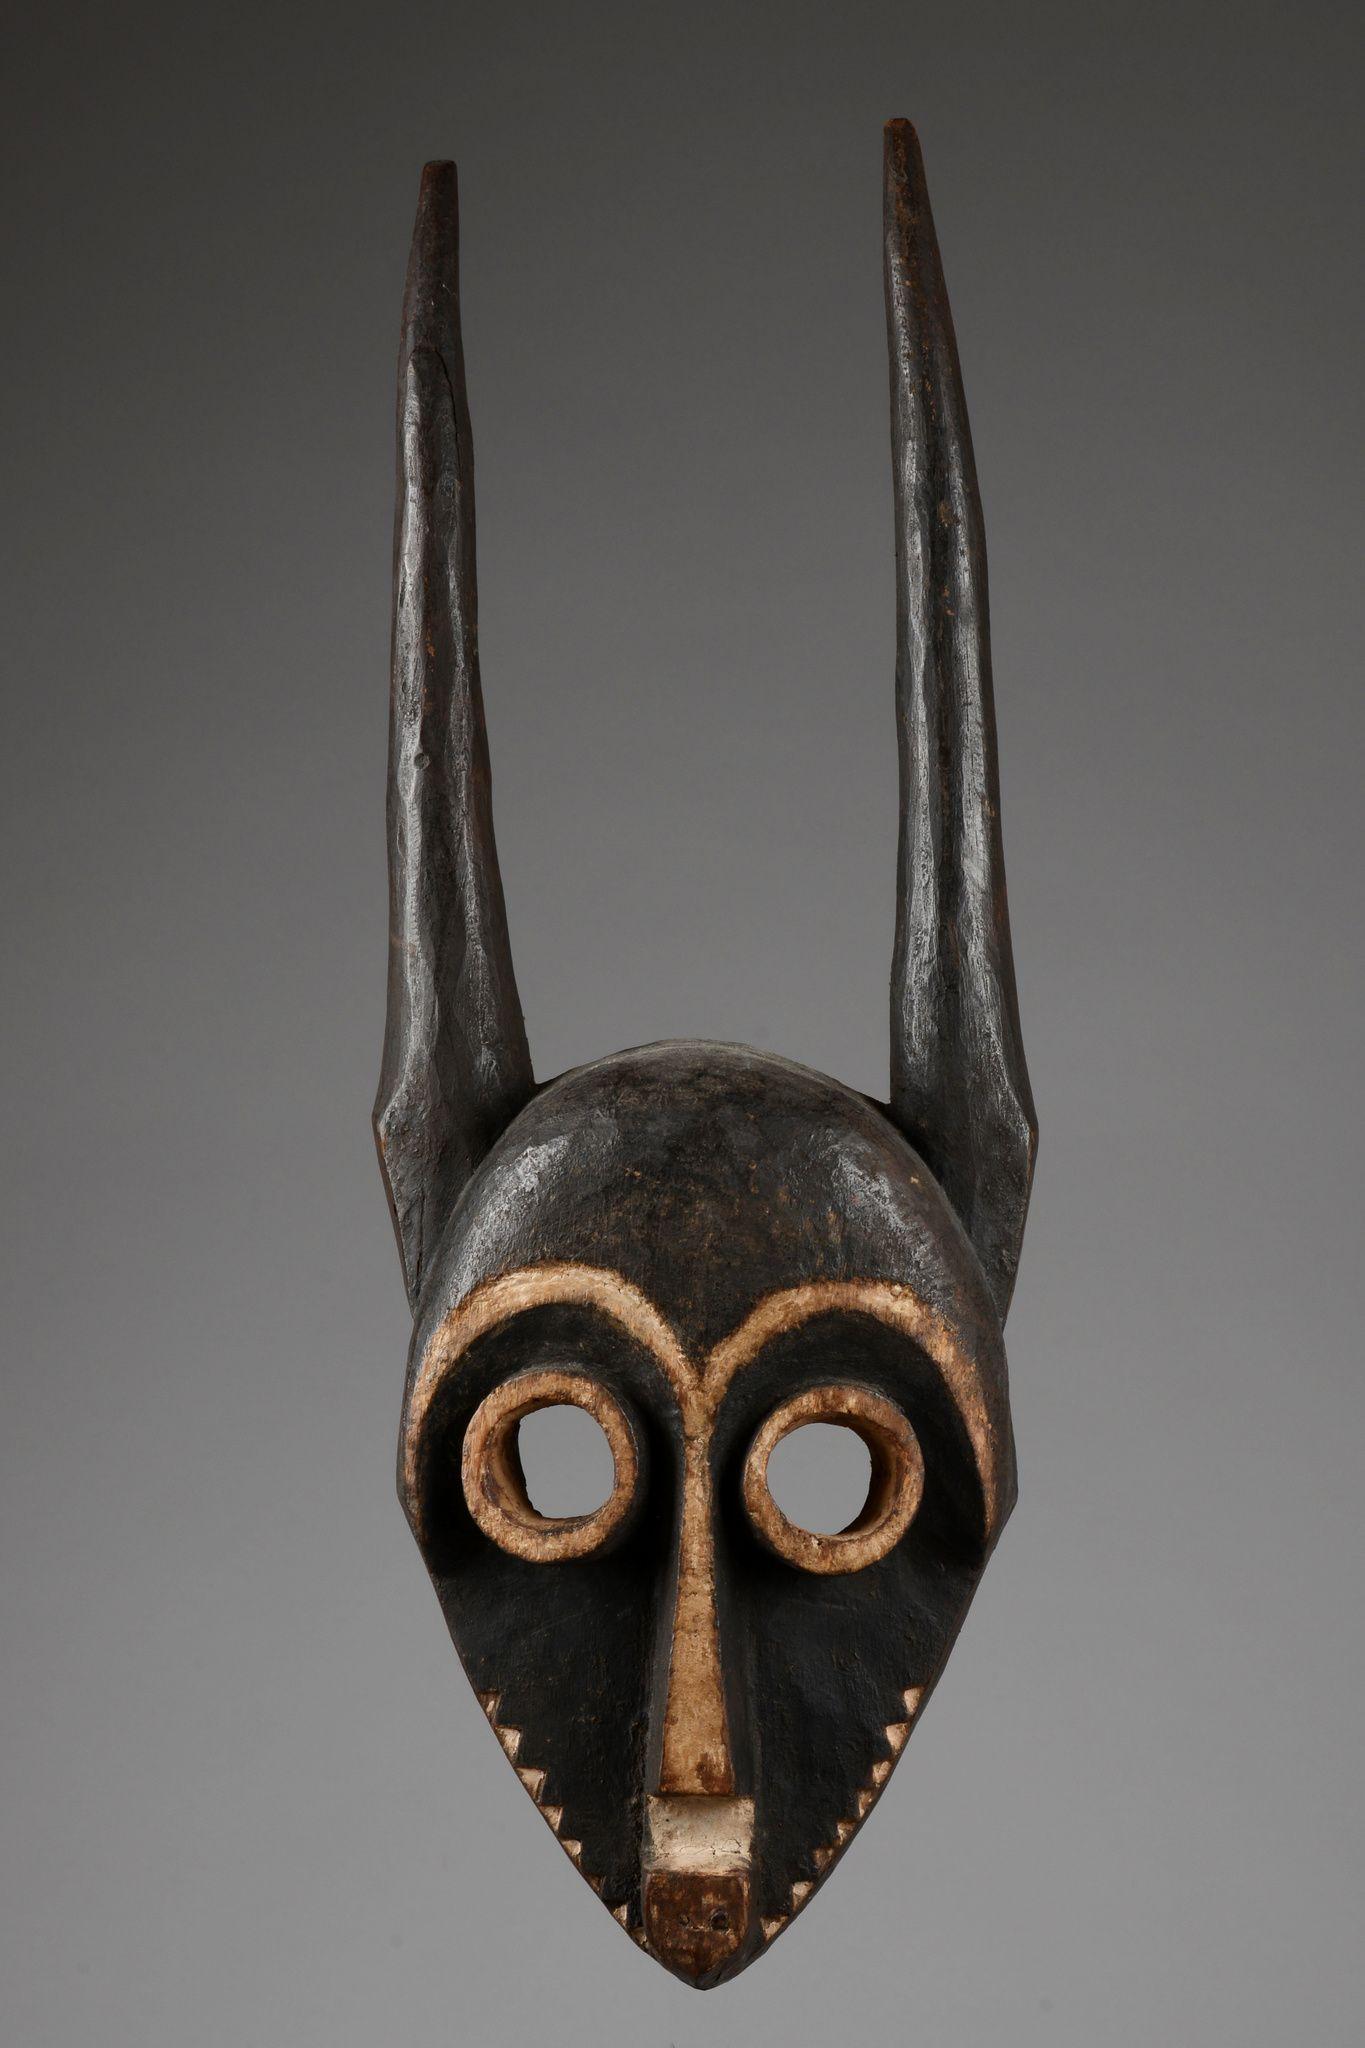 Besch Farbe hörnermaske giphogo d r kongo pende holz schwarze und weiße